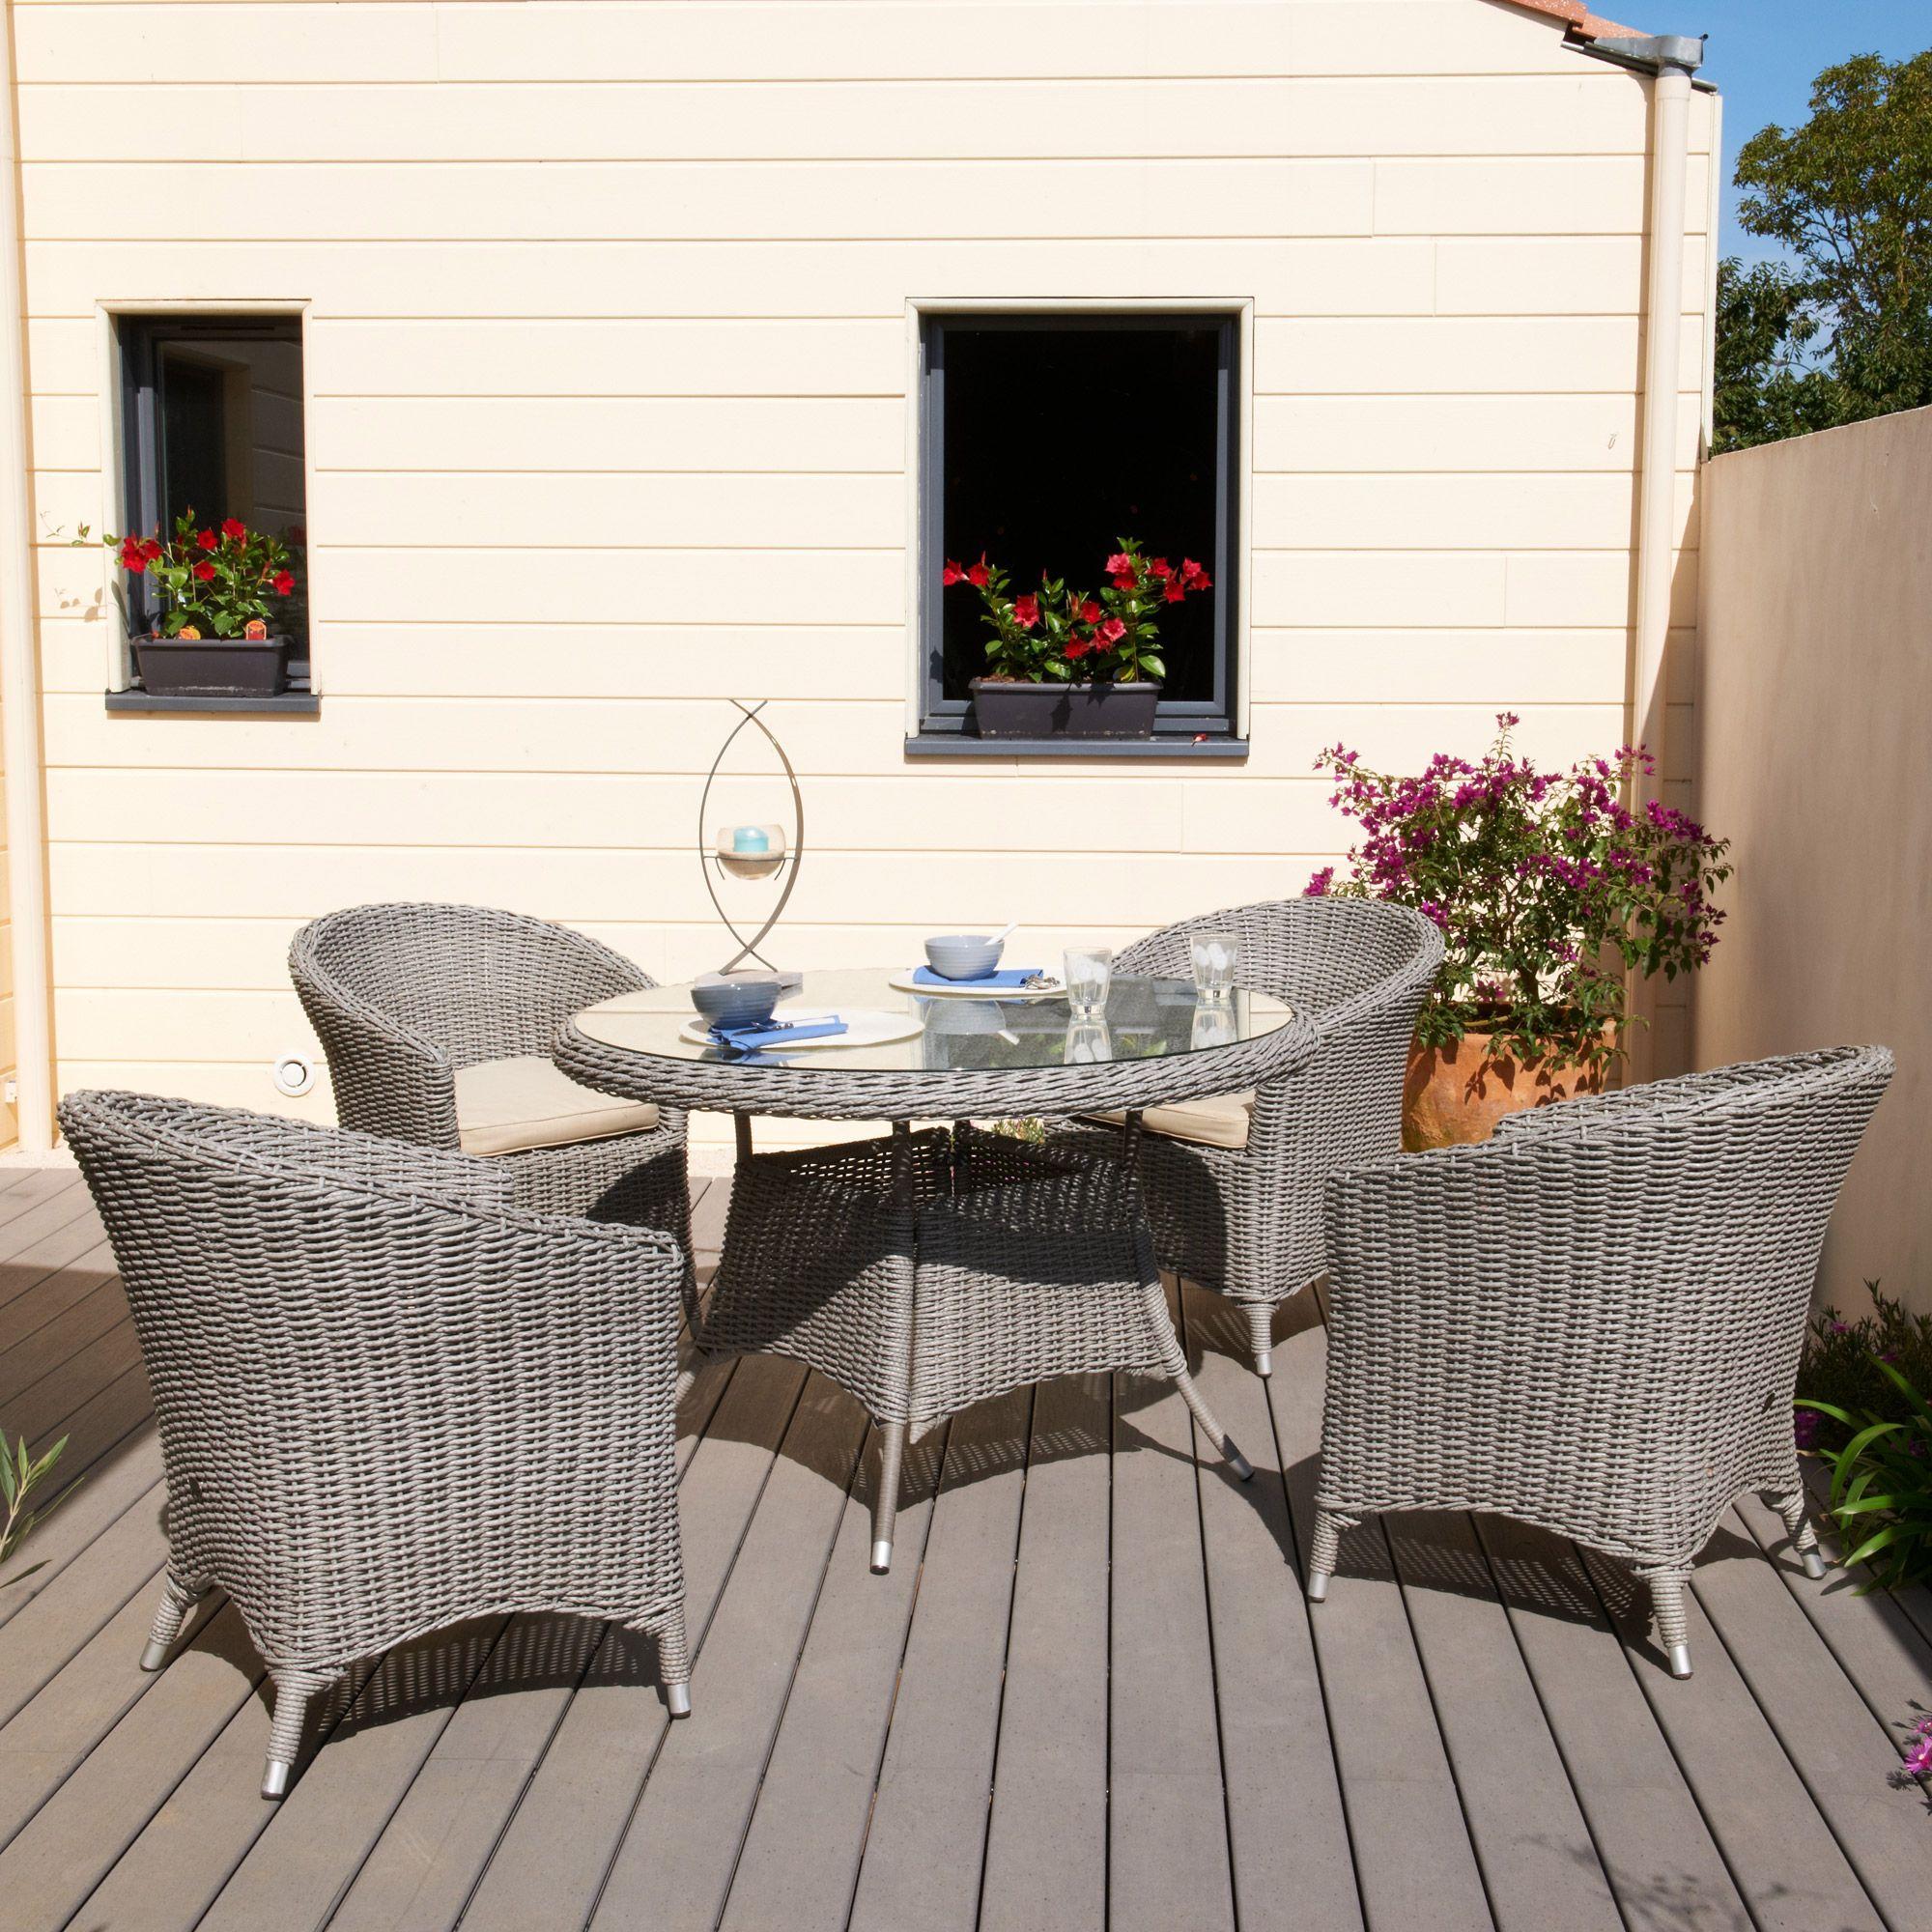 Salon jardin 4 places résine tressée : table ronde + 4 fauteuils ...